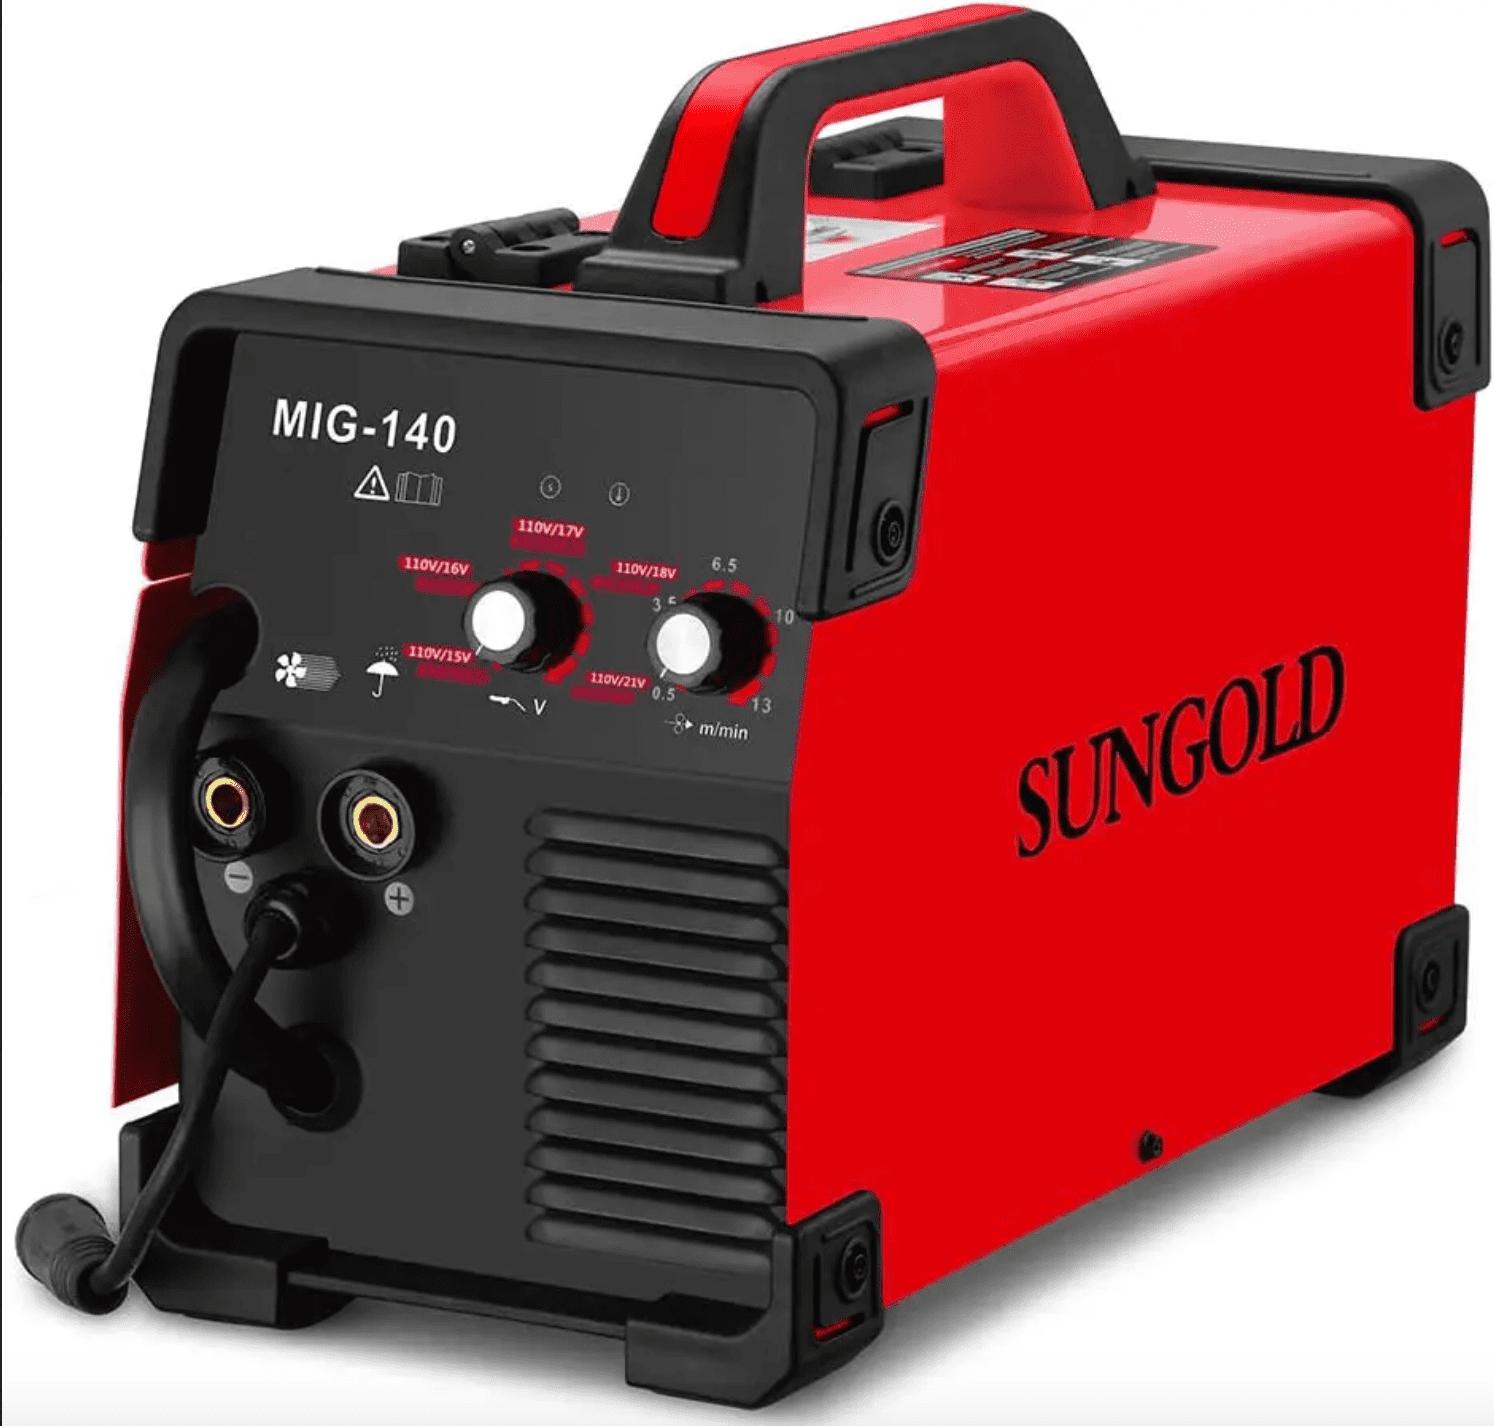 SUNGOLDPOWER 110V MIG Welding Machine